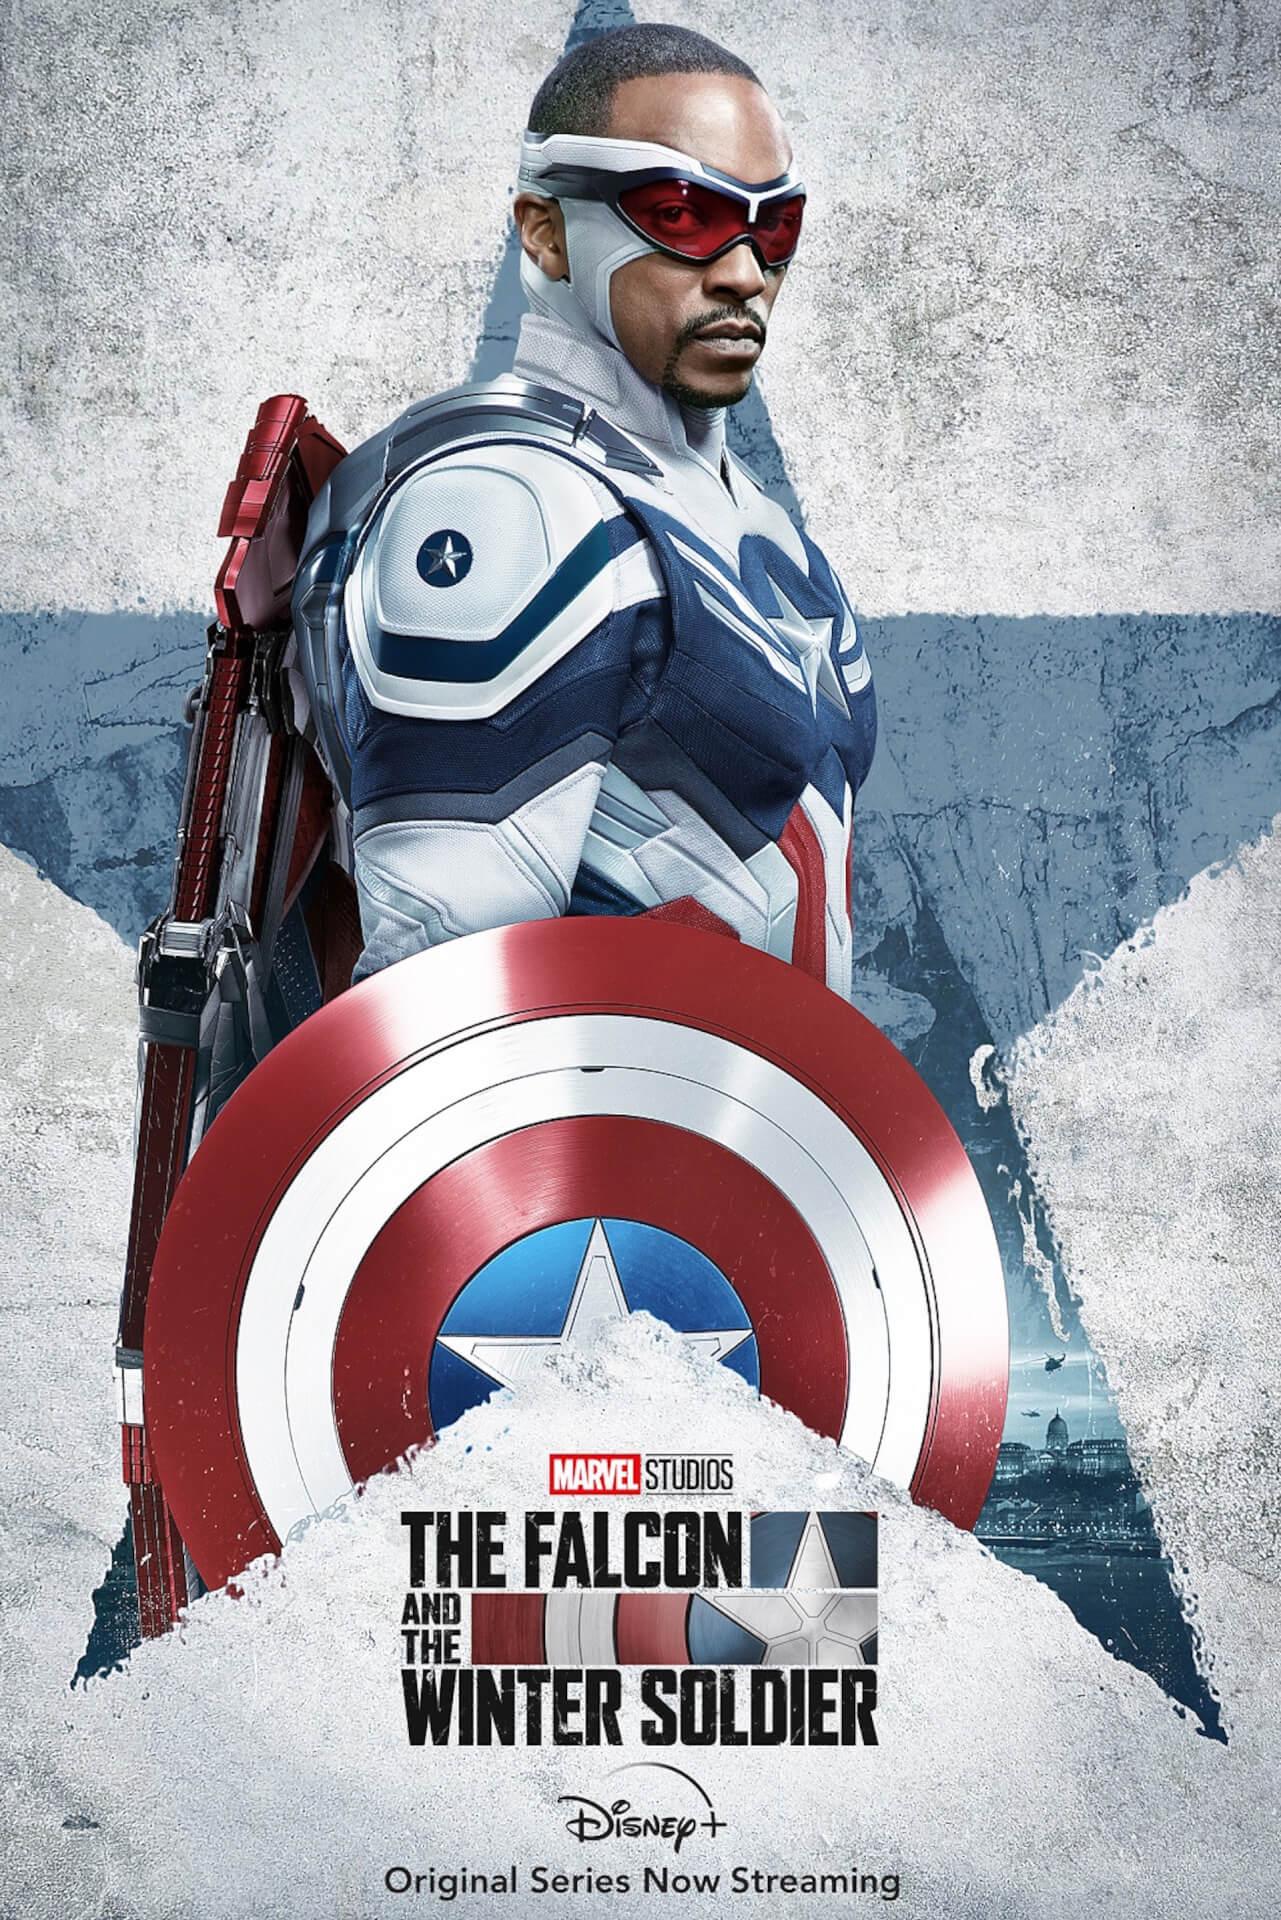 ついに新たなキャプテン・アメリカが誕生!『ファルコン&ウィンター・ソルジャー』新キャラポス&新場面写真が解禁 film210428_falcon_wintersoldier_1